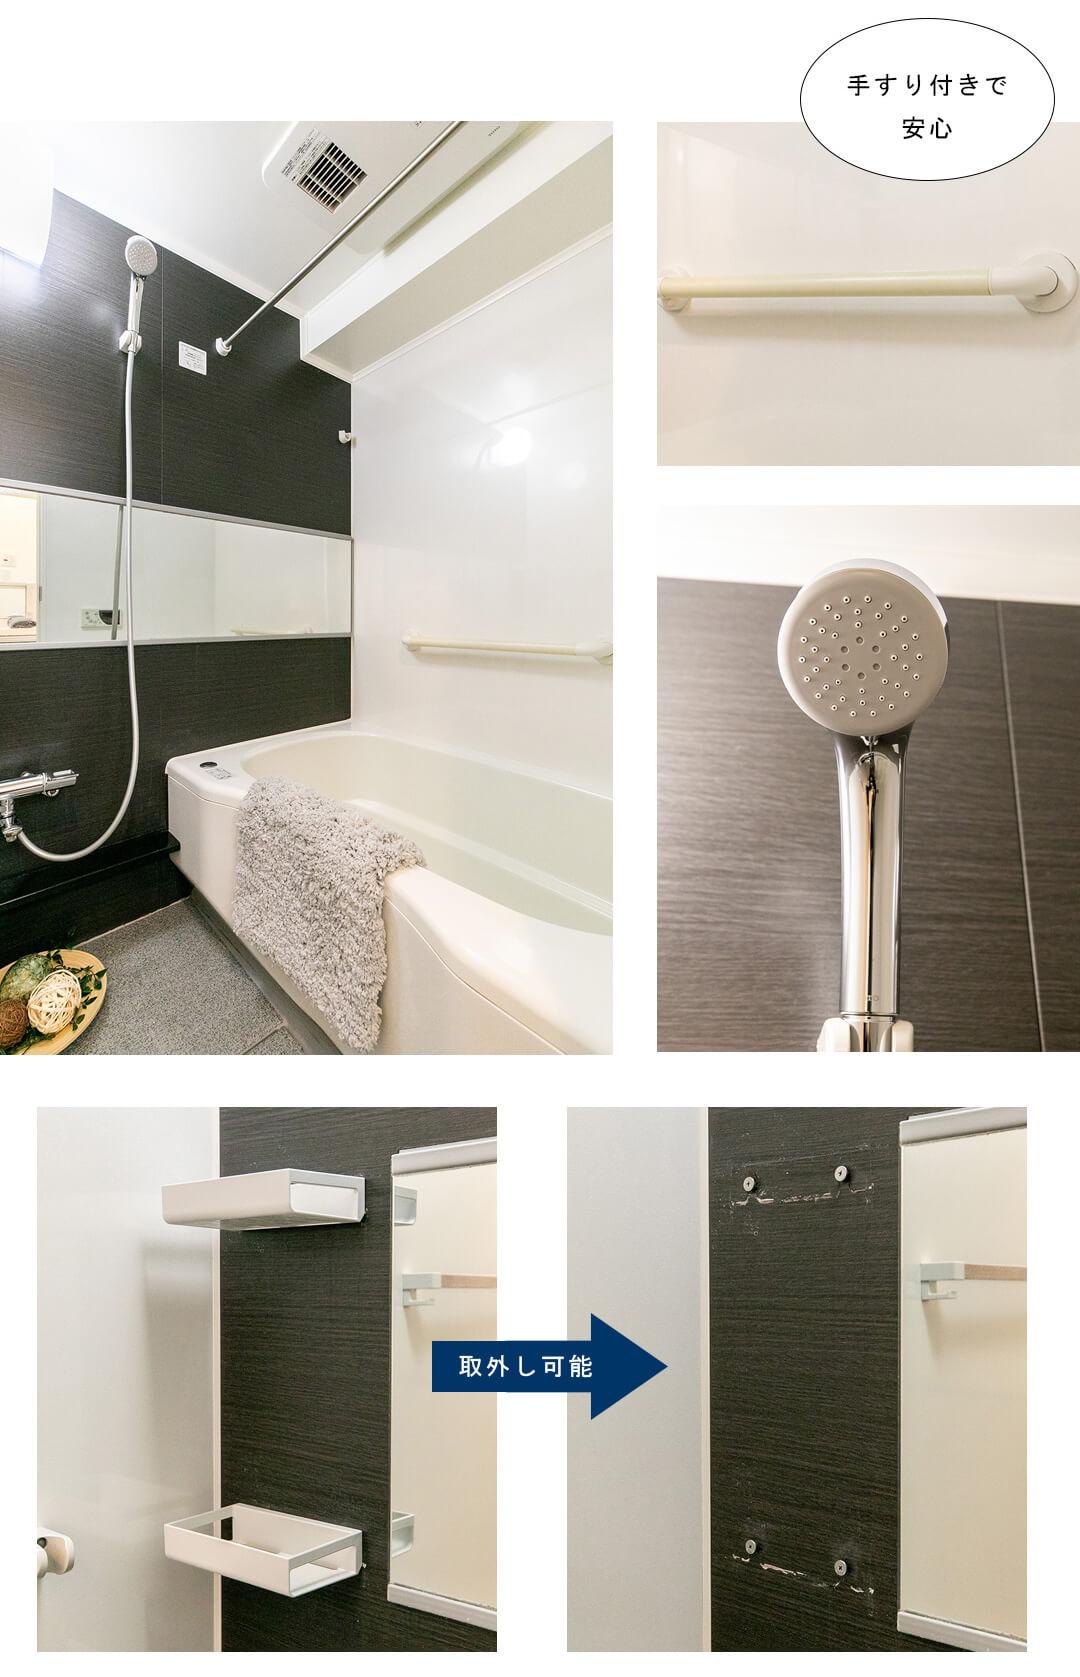 ジョイア上野毛 402の浴室